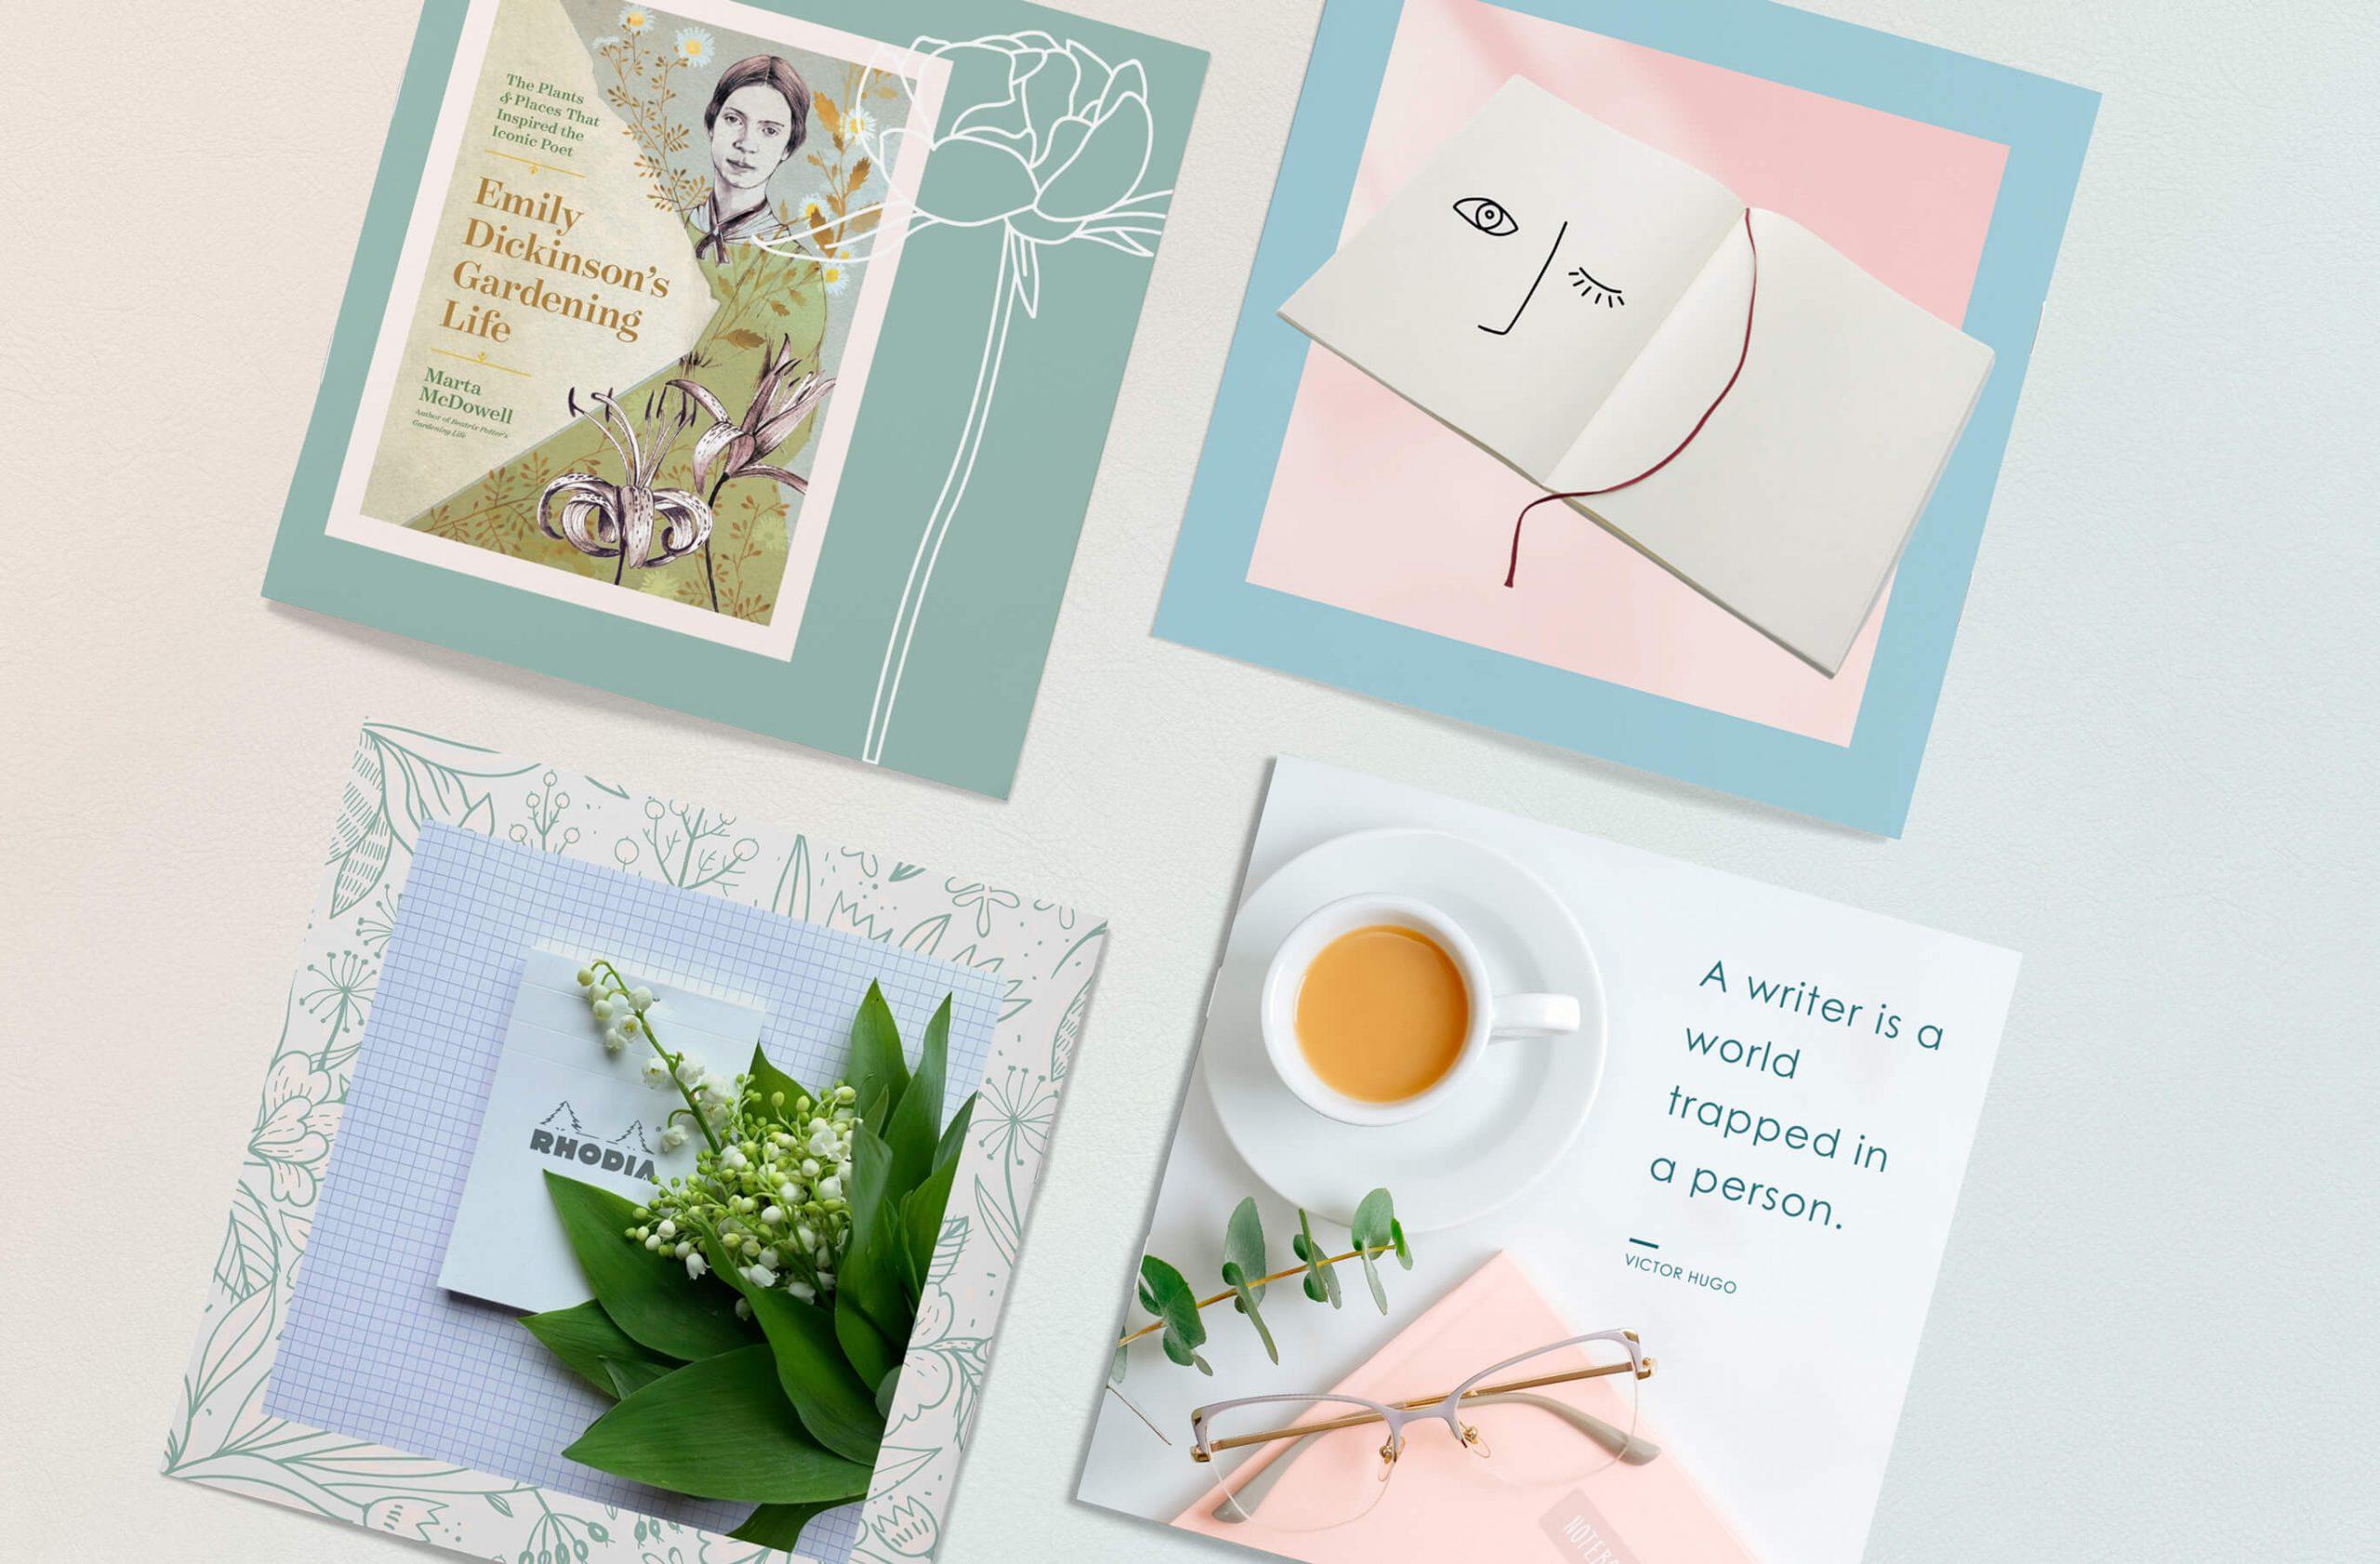 social media images designed for a stationery shop